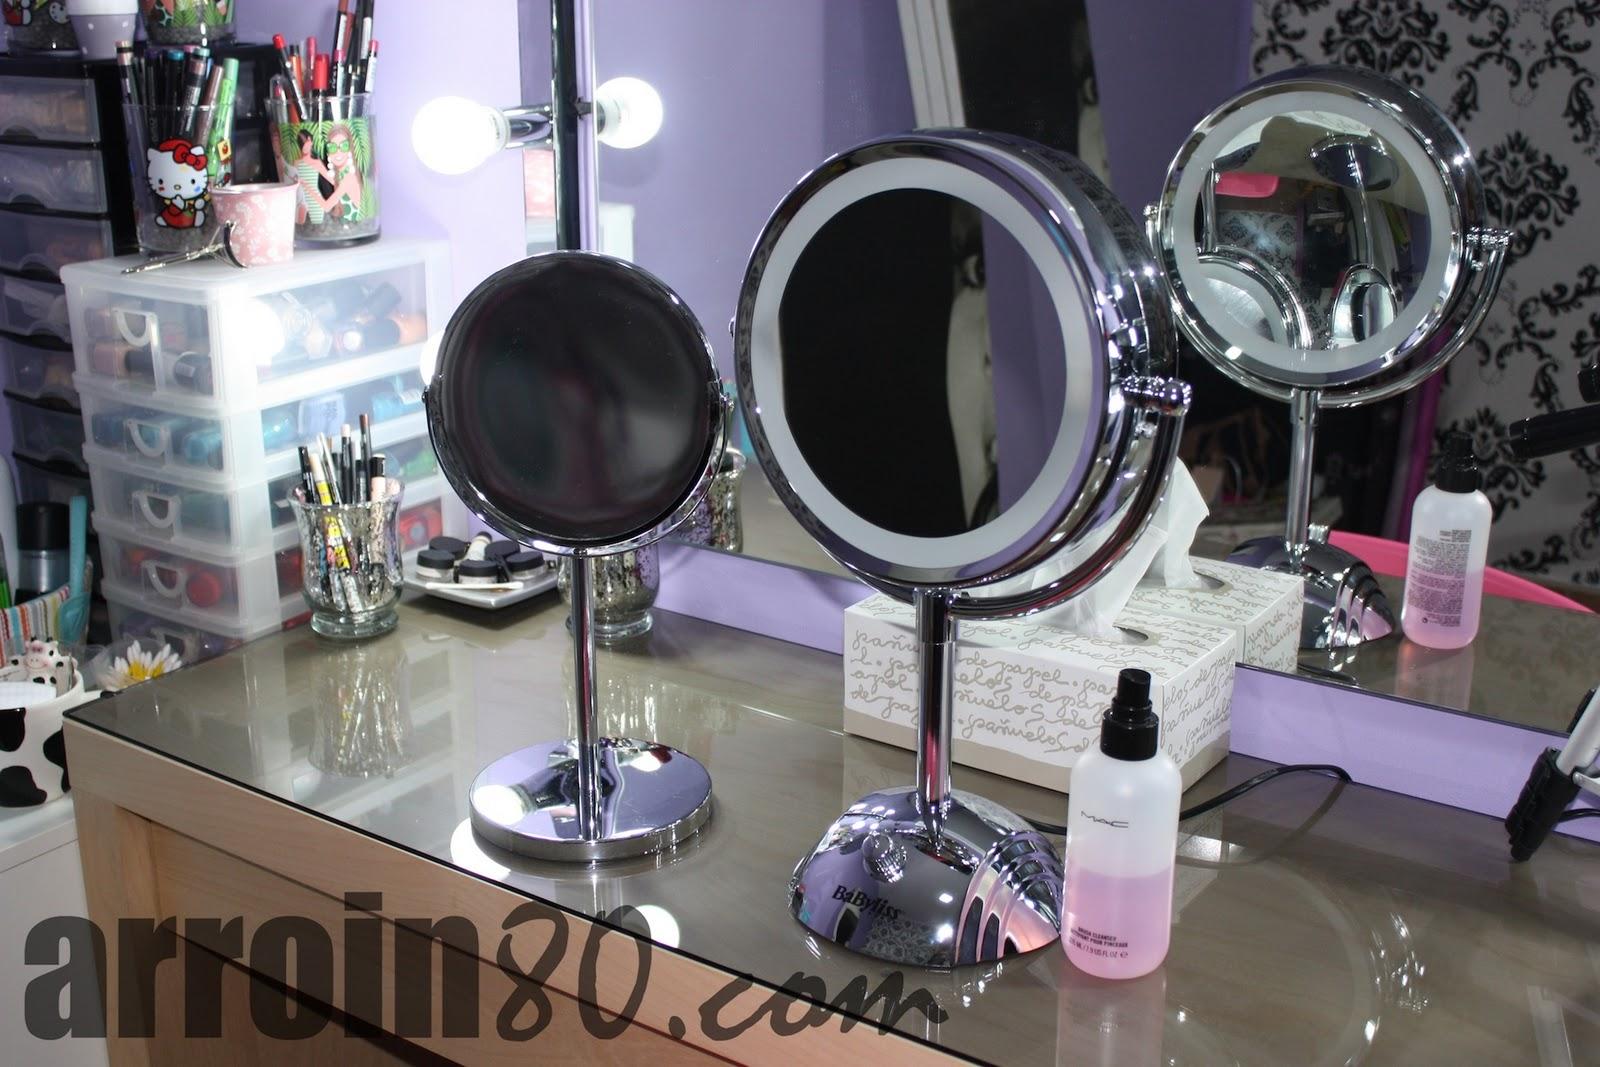 Arroin80 blog de belleza cosm tica y maquillaje for Espejo para maquillarse